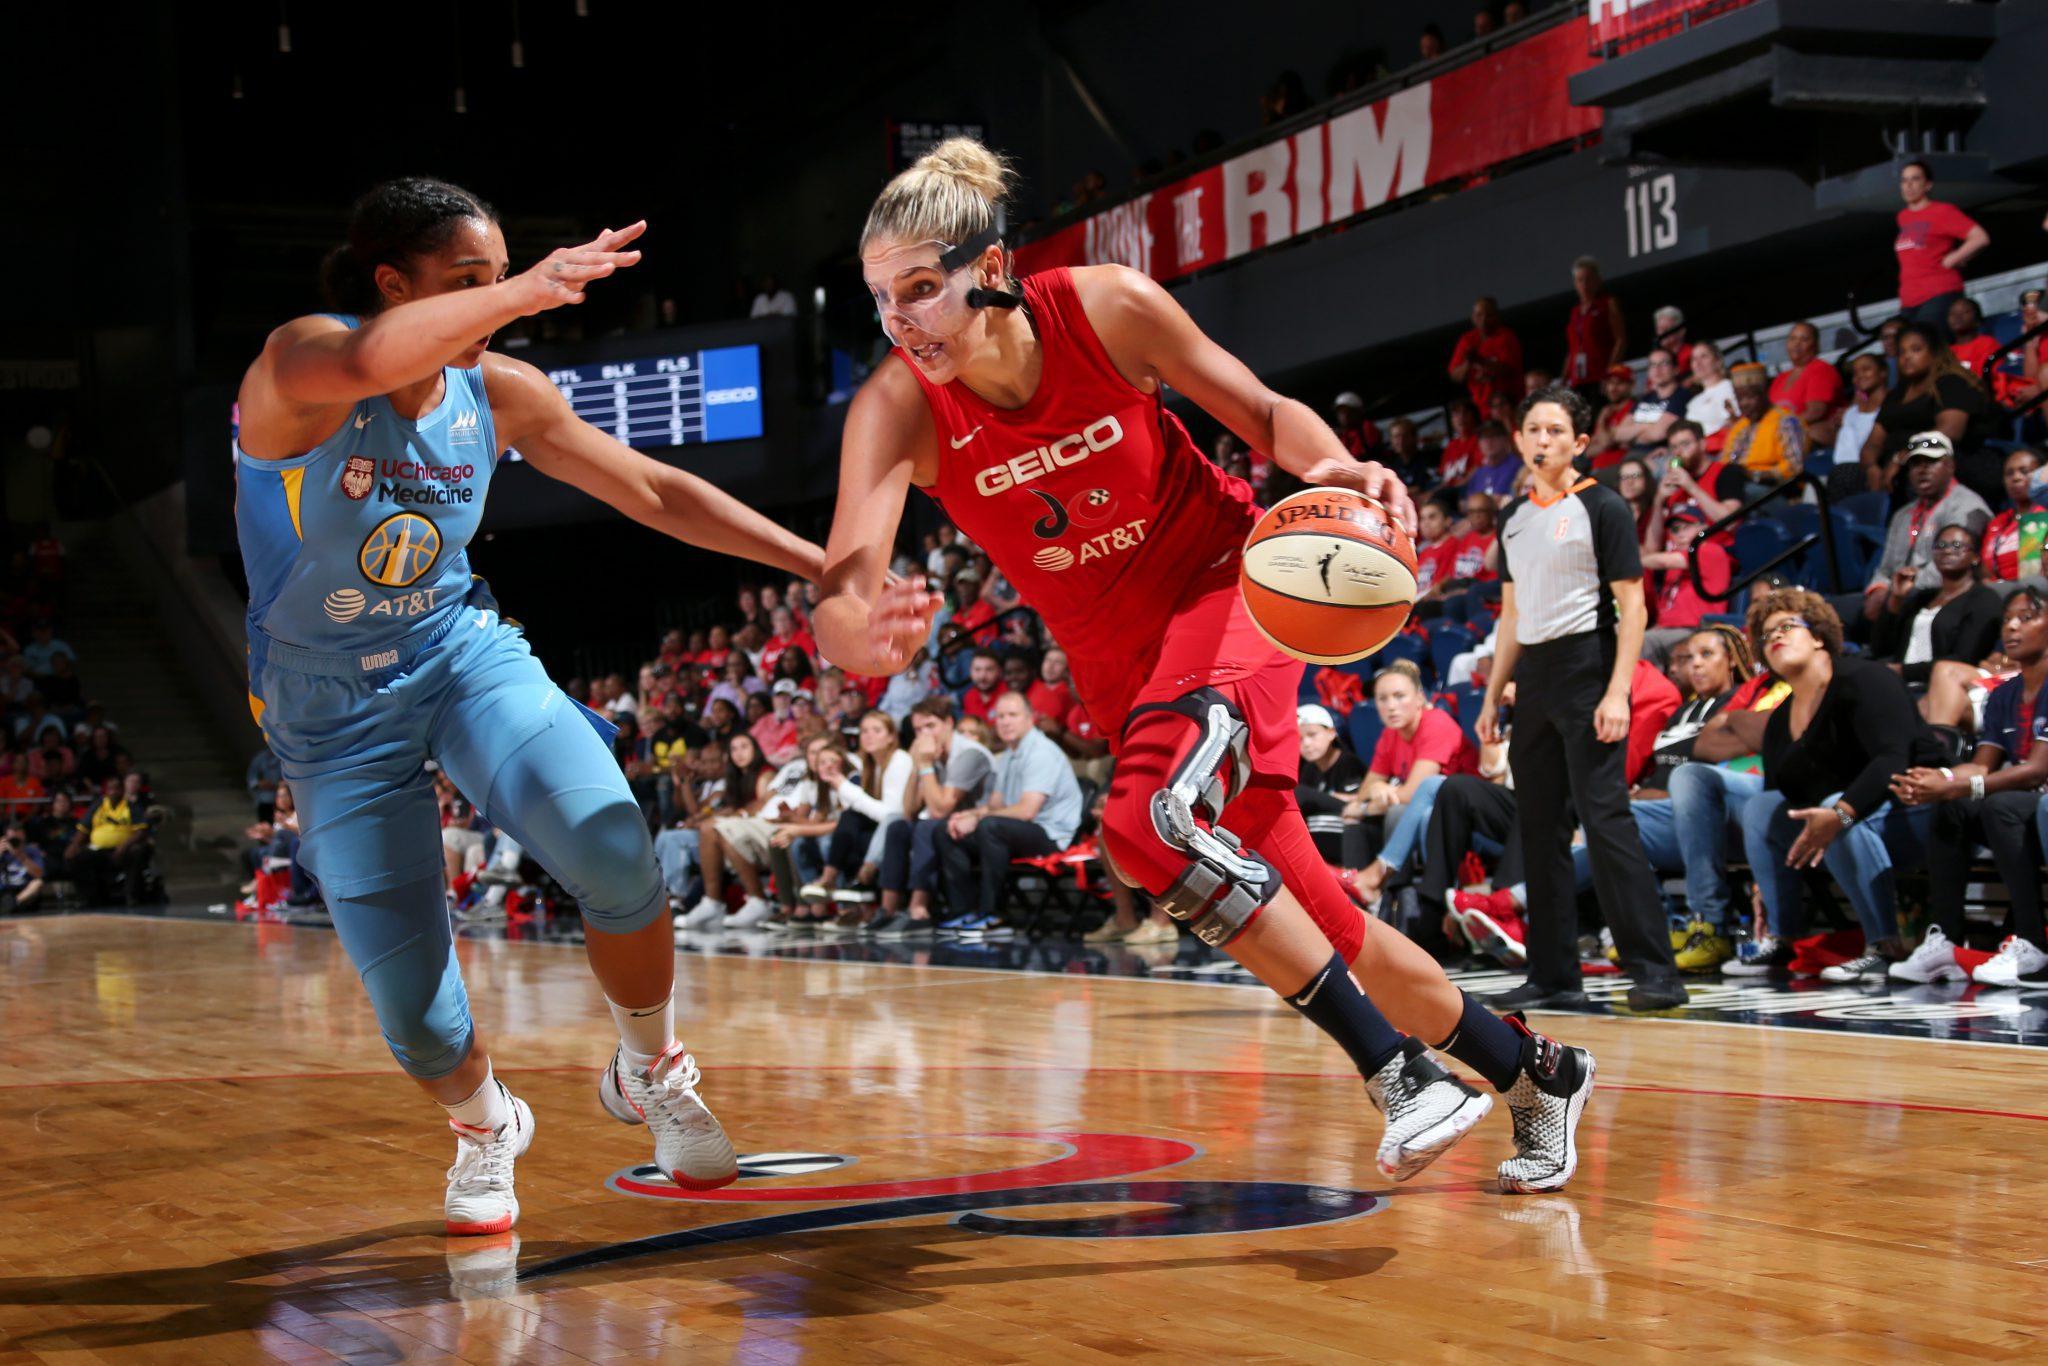 Delle-Donne hace historia: firma números no vistos en la WNBA